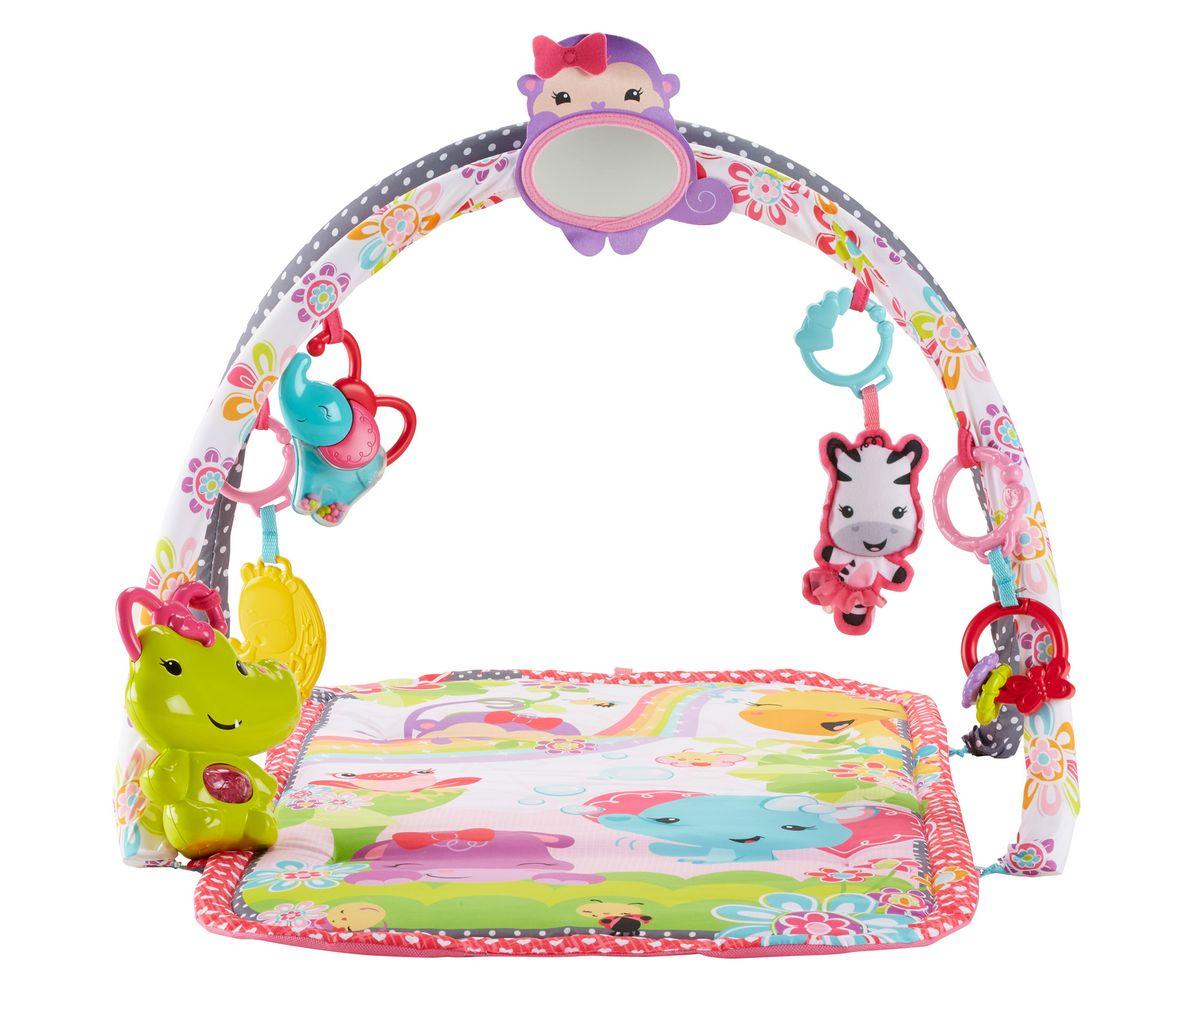 Fisher Price Развивающий музыкальный коврик 3 в 1 Розовые джунглиDFP64Развивающий музыкальный коврик Fisher Price 3 в 1 - это целый спорткомплекс, который растет вместе с ребенком. Коврик для девочки с музыкальными эффектами и игровыми дугами выполнен в ярком дизайне. На коврике удобно лежать, рассматривая погремушки или рисунки на основании в виде животных, сидеть, изучая игрушки и любуясь собственным отражением. С тремя режимами ребенок сможет лежать и играть, подтягиваться, когда перевернется на живот, или сидеть и играть на мягком коврике. Две игровые дуги с 6 игрушками - прорезывателями и погремушками, в центре расположено безопасное зеркальце в виде обезьянки. Музыкальный крокодильчик позабавит веселой мелодией. Два музыкальных режима включают короткие мелодии, запускаемые самим ребенком, и до 10 минут музыки в режиме долгой игры. Расположение присоединяемых игрушек можно менять, чтобы ребенок видел смену обстановки. Малыш, играя, тренирует кисти рук, их силу и ловкость. Лежа на животике, малыш стремиться поднимать голову и плечи, чтобы...